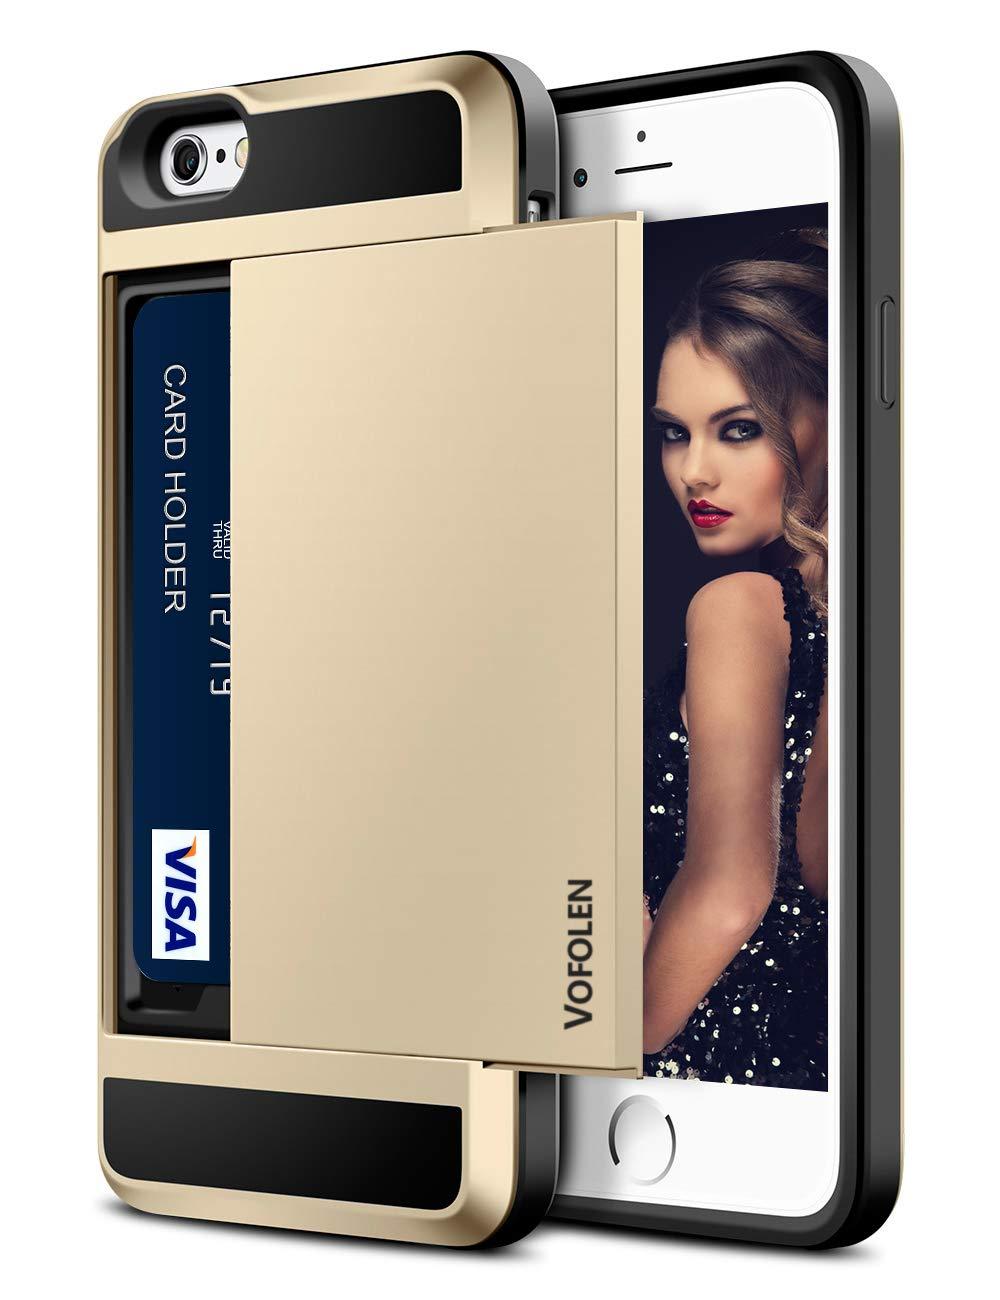 Amazon.com  iPhone 6 Case 3f7c9391a59c4